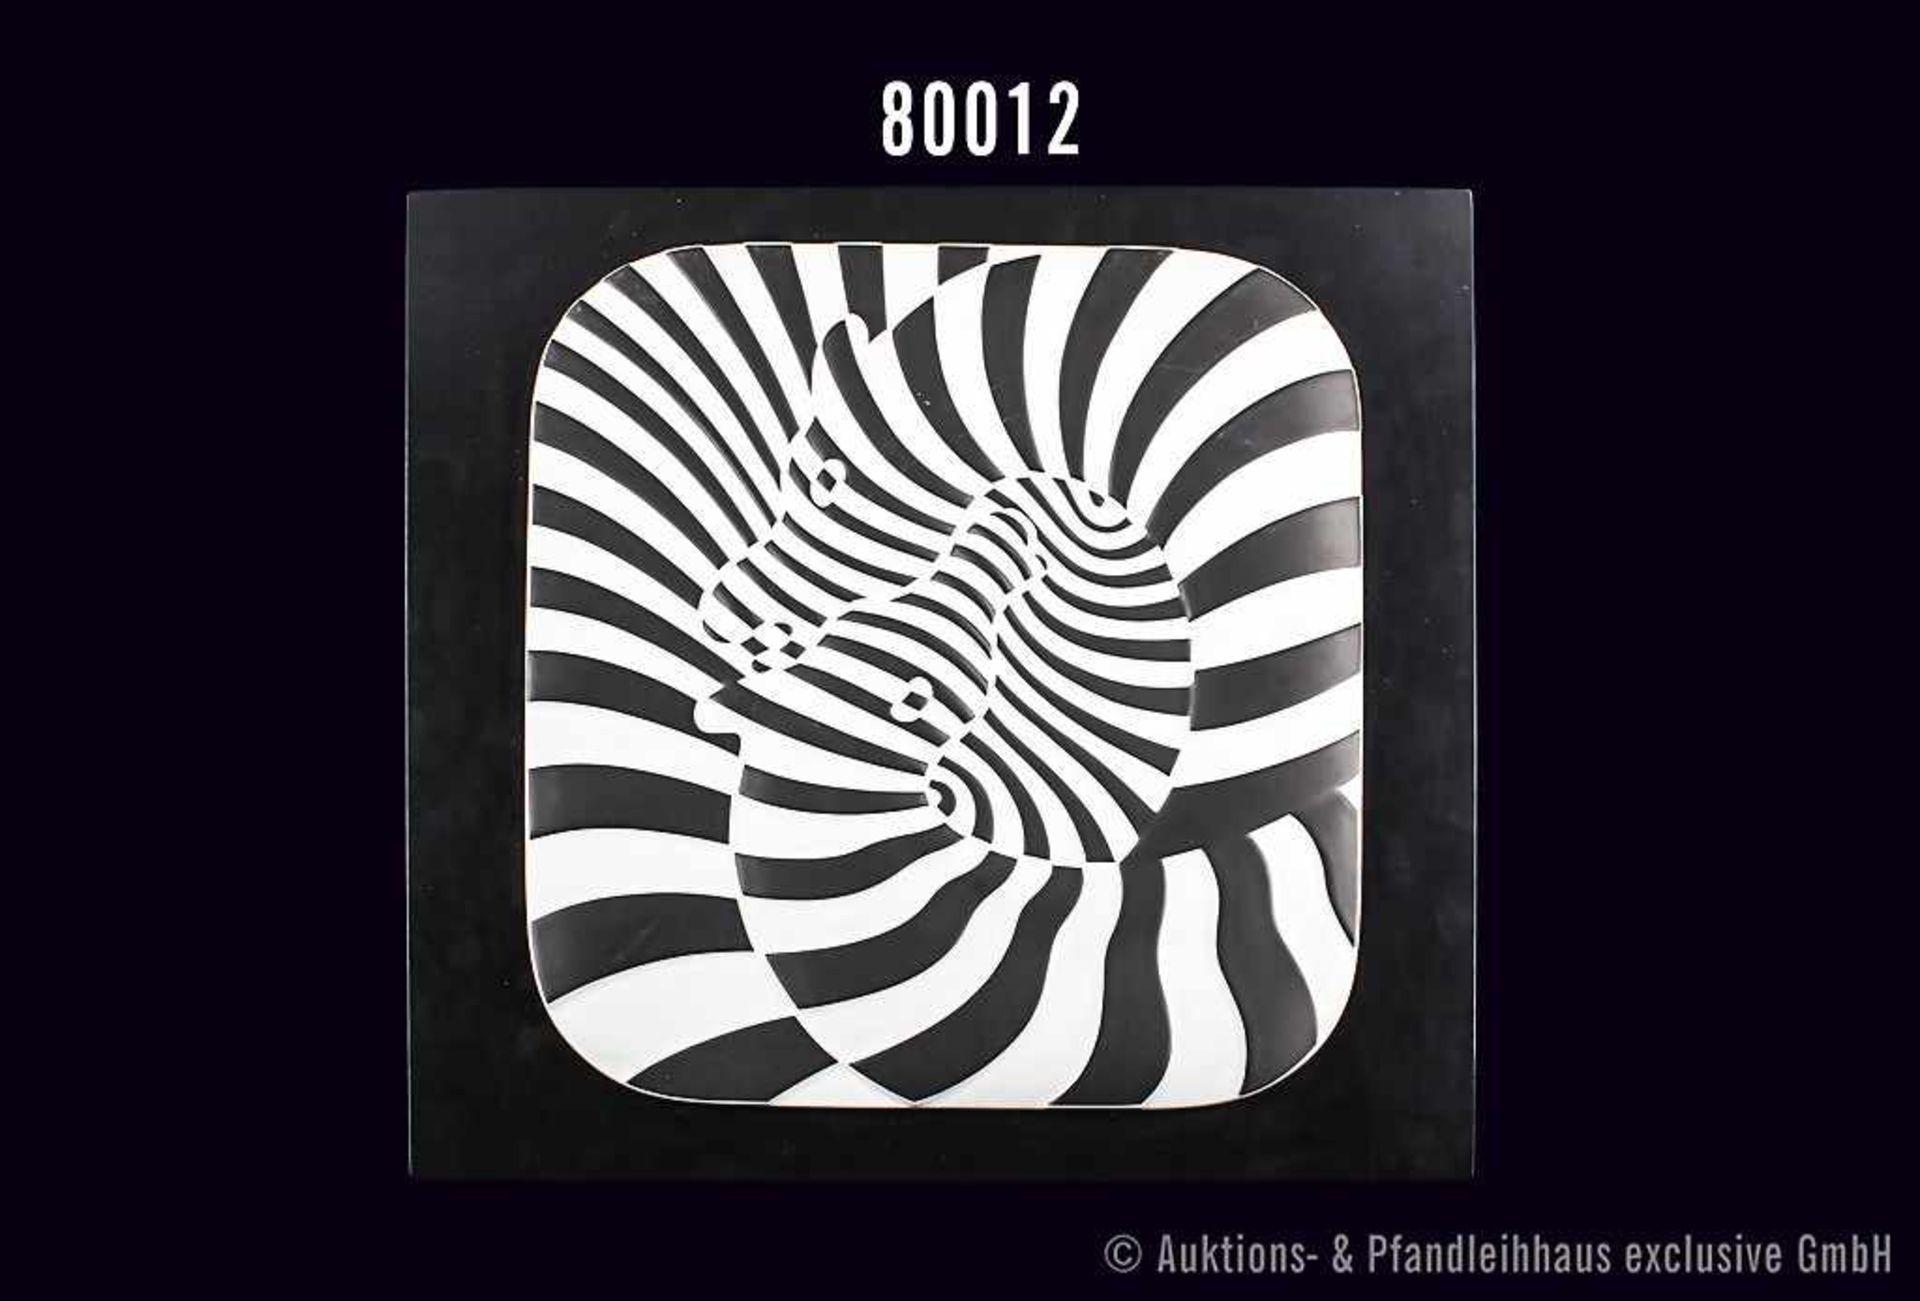 Rosenthal Porzellan, Wandrelief Jahresteller 1977, Dekor Zebra, Motiv von Victor Vasarely,